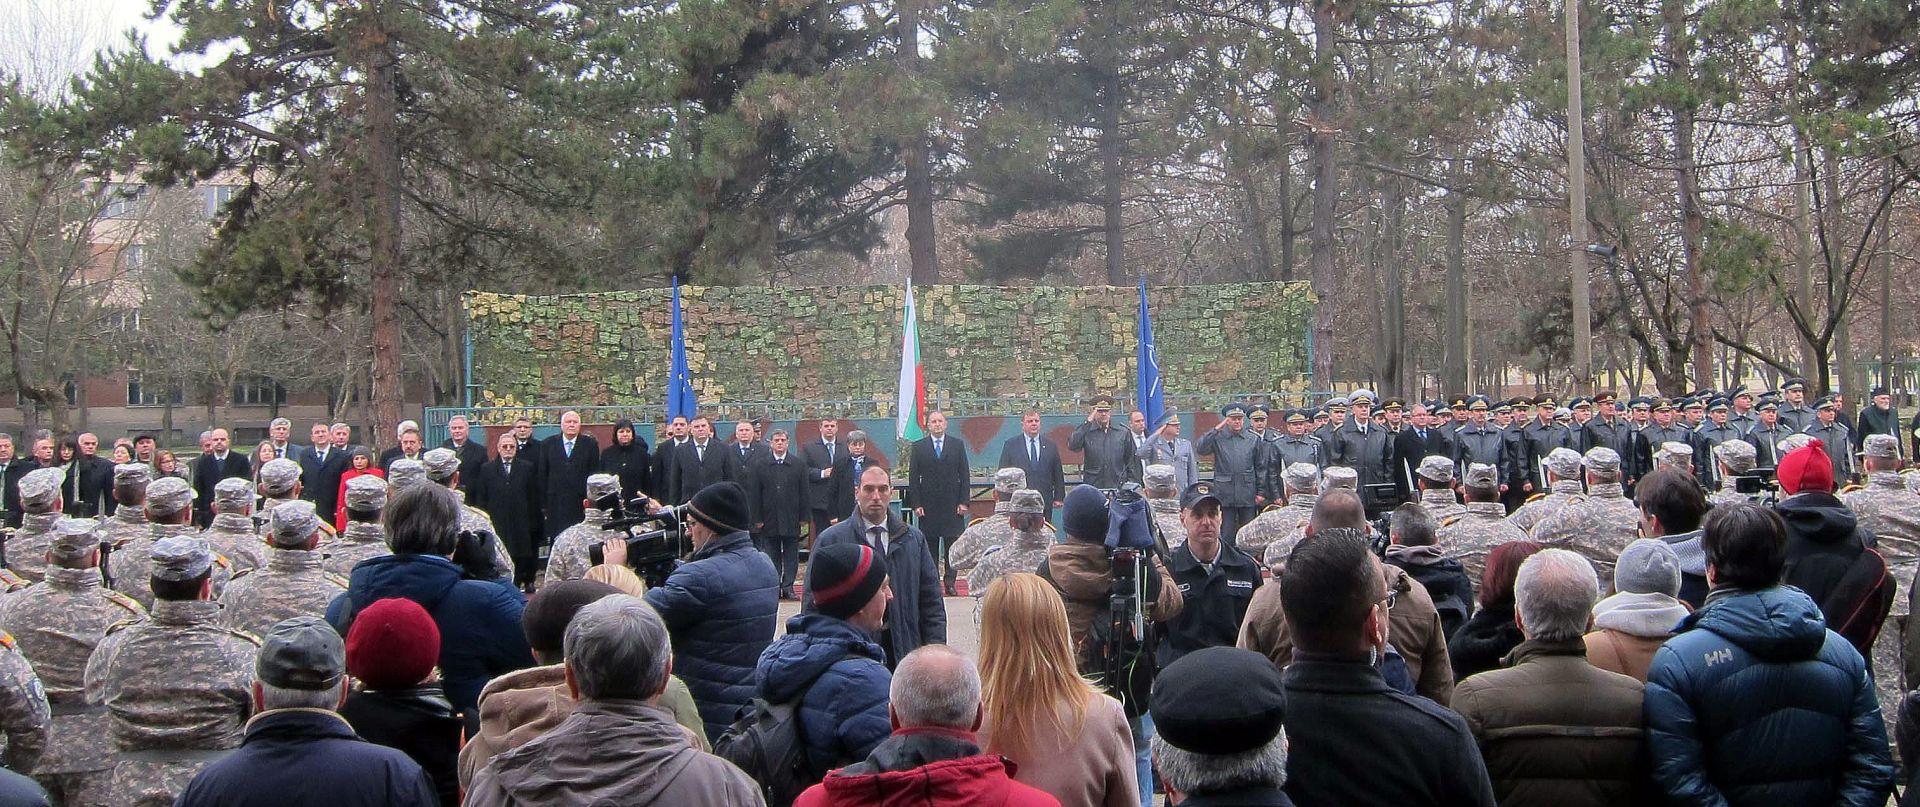 Държавният глава произнесе слово пред личния състав и многобройните гости